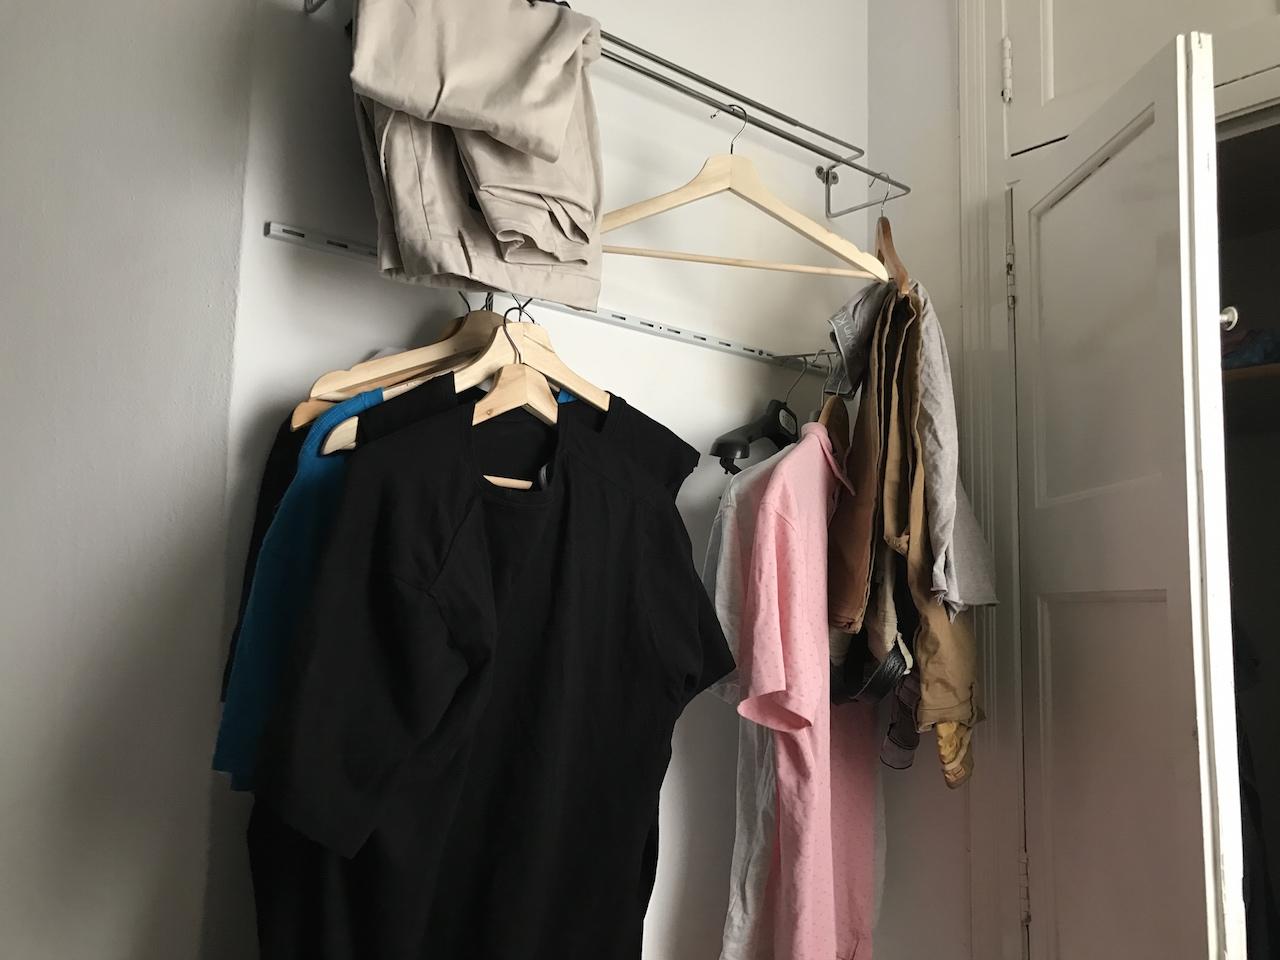 camisetas-desordenadas